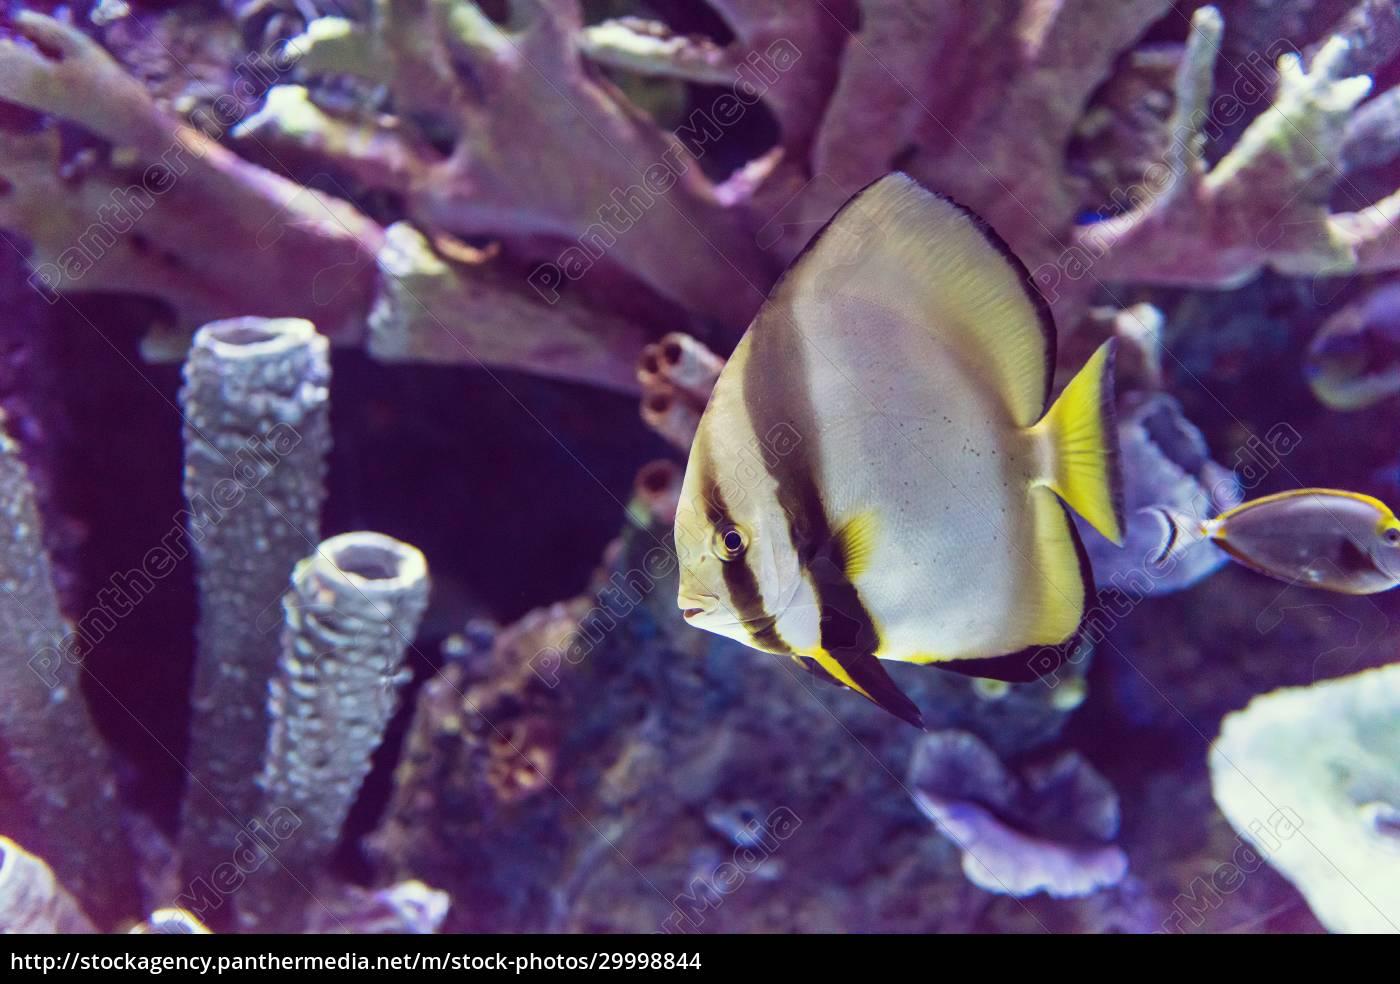 aquarium, with, colorful, fishes - 29998844